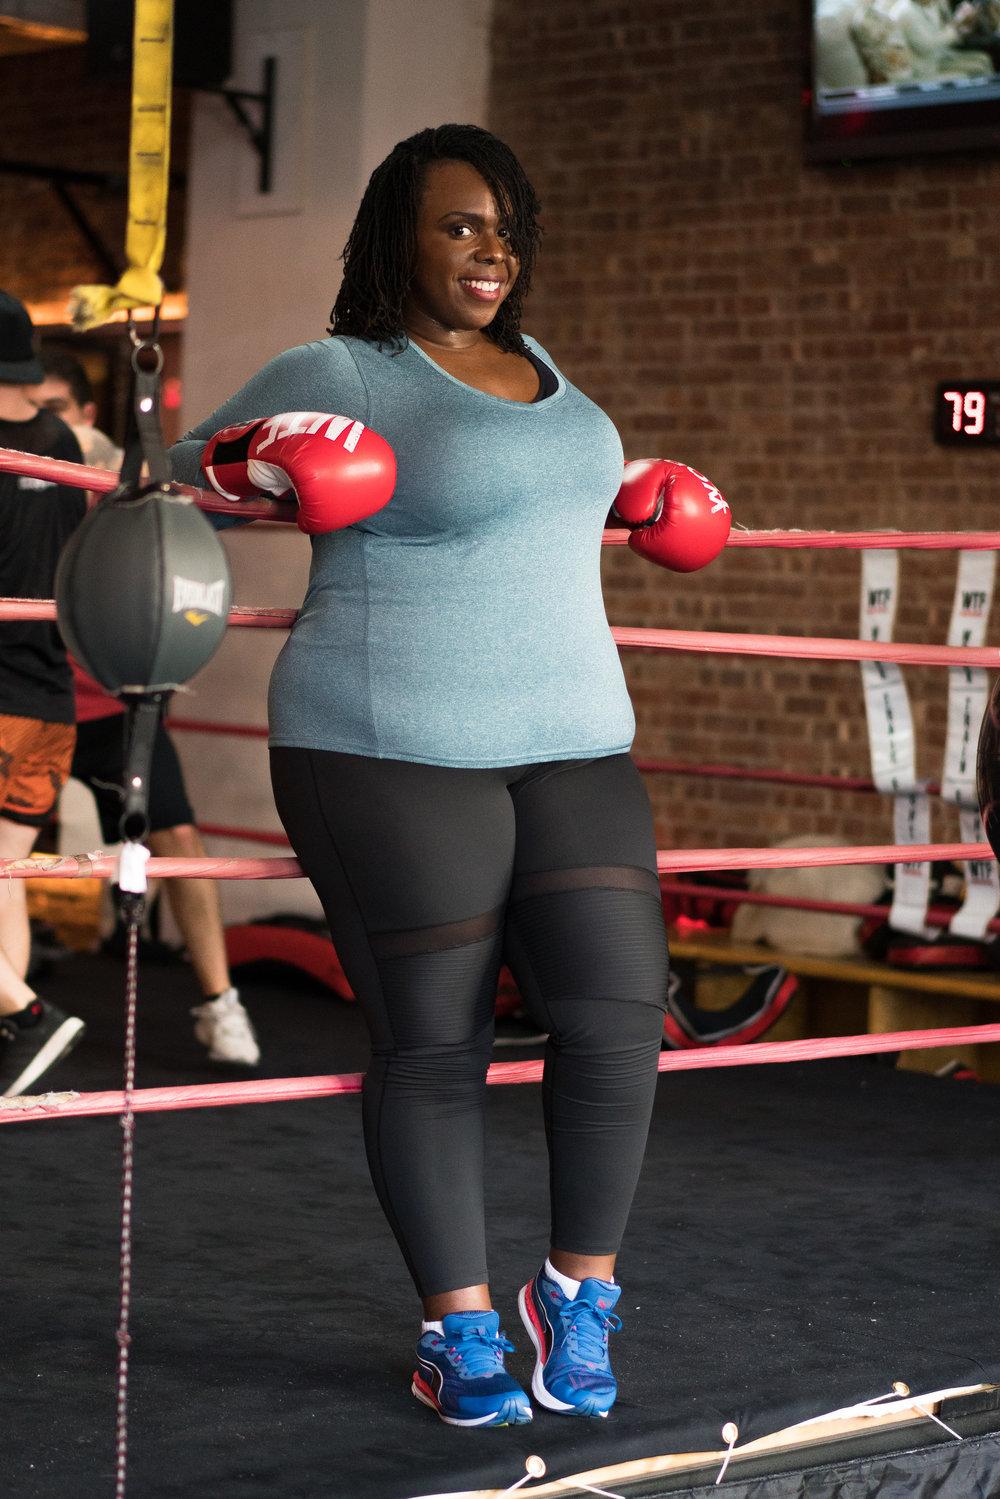 women boxing plus size workout clothes ceceolisa.com